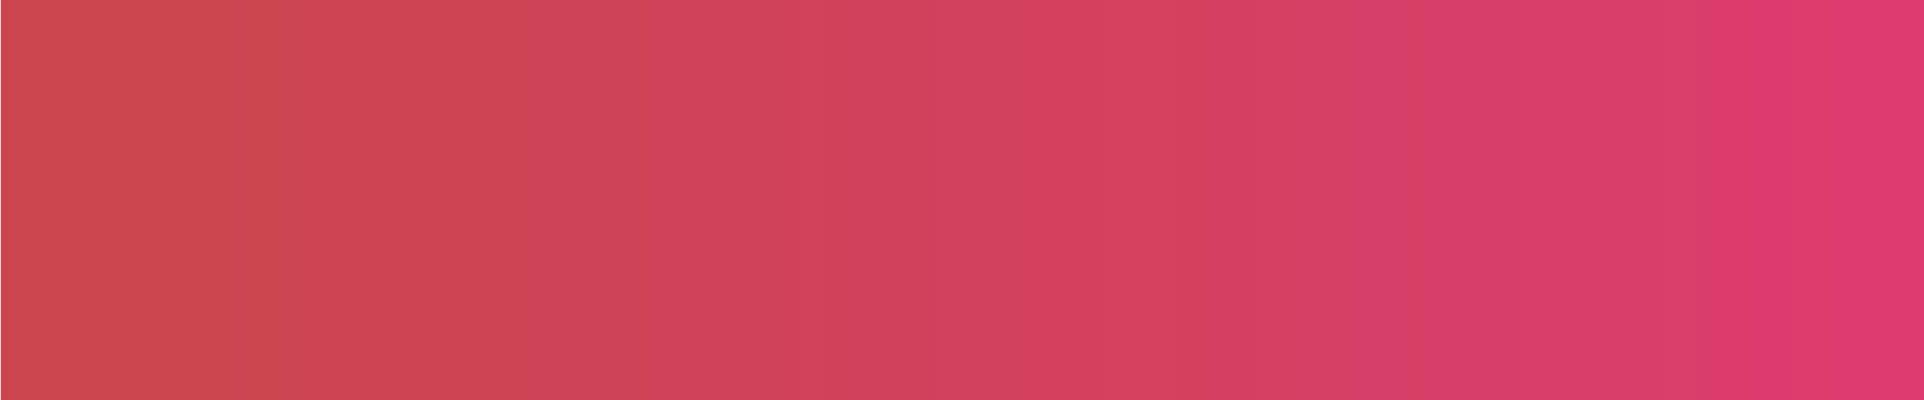 fondo-rojo-instalaciones